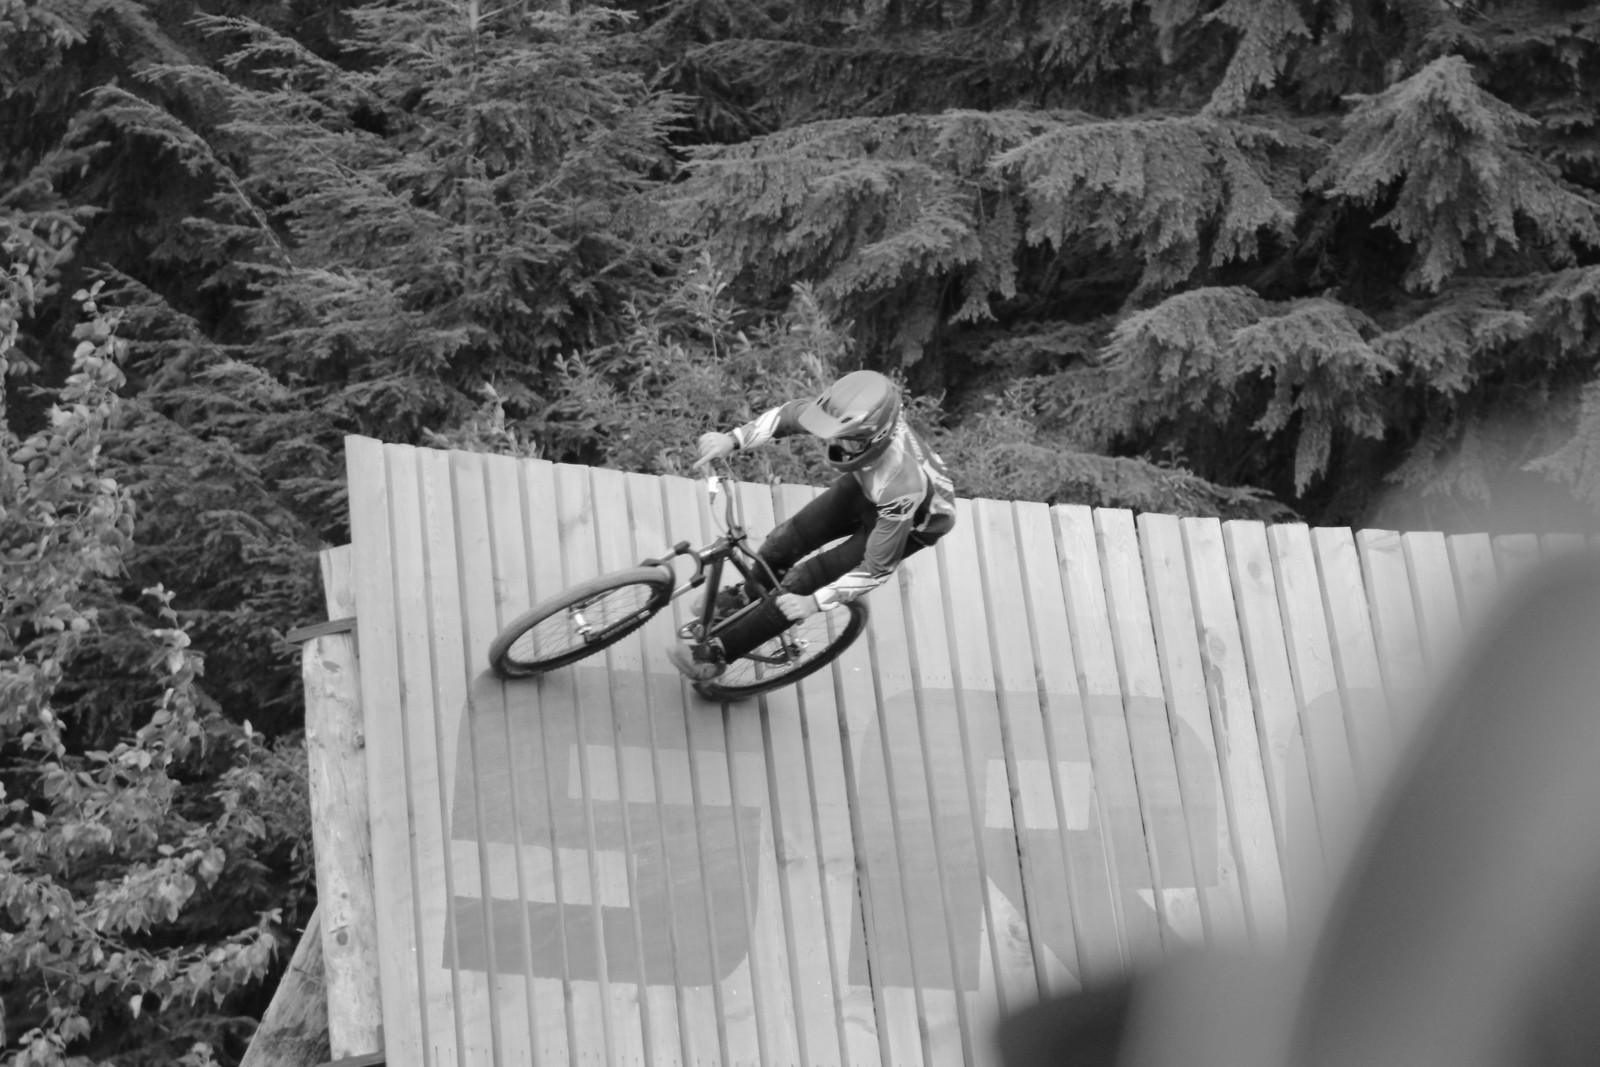 IMG 1737 - el_guapo_goro - Mountain Biking Pictures - Vital MTB